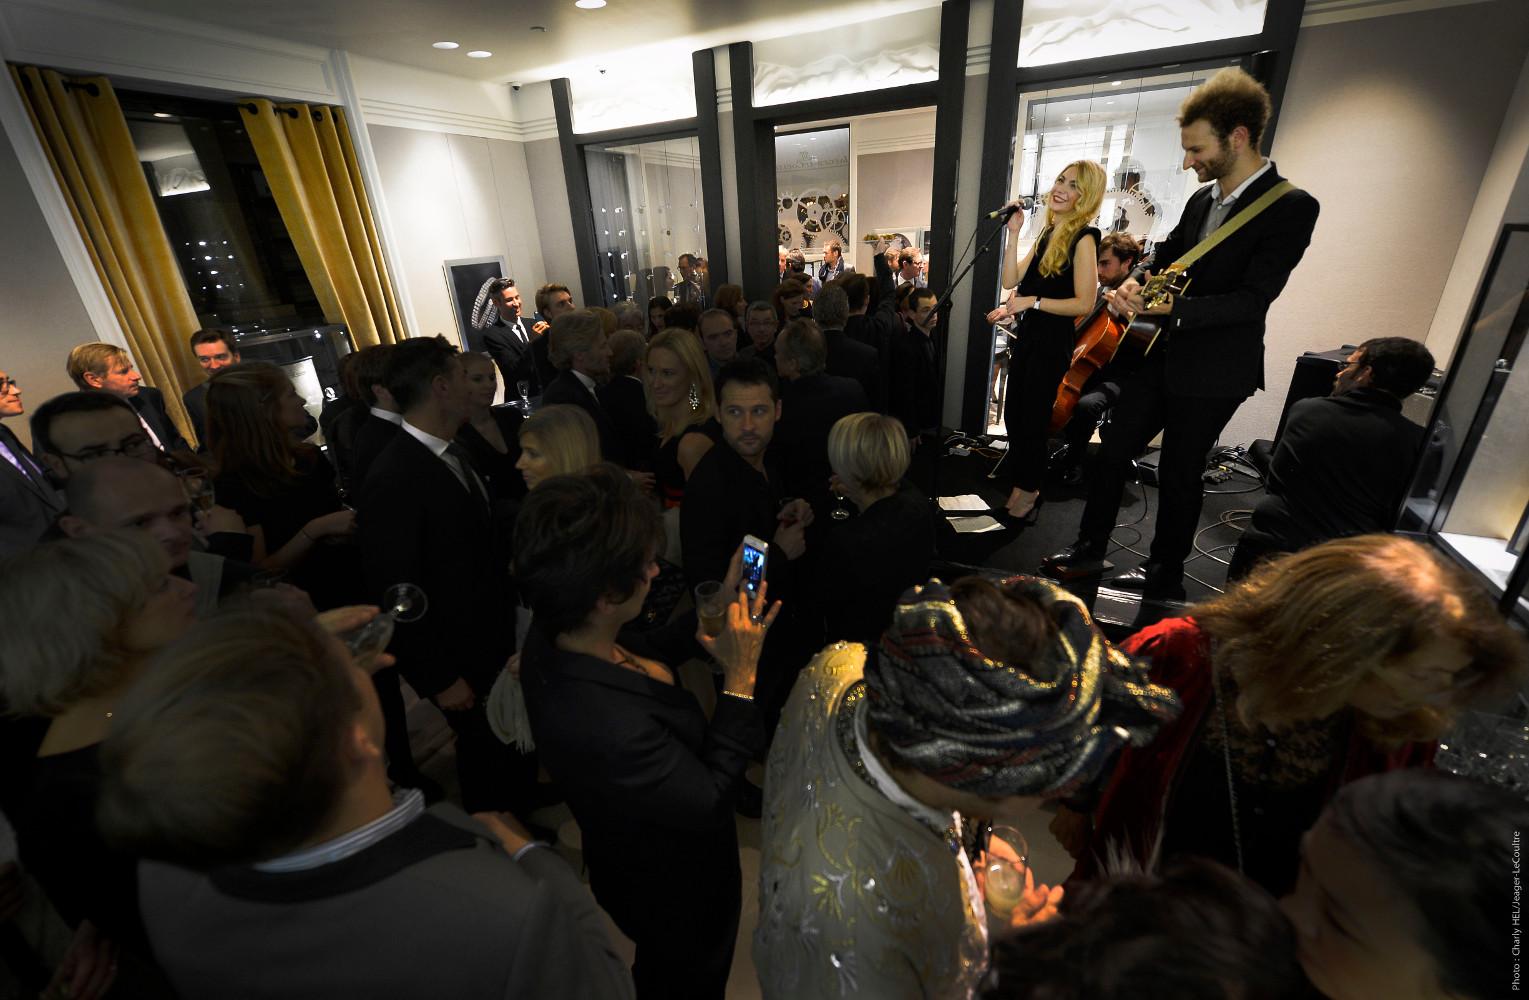 Soiree Jaeger-LeCoultre ambiance concert credit PixHel